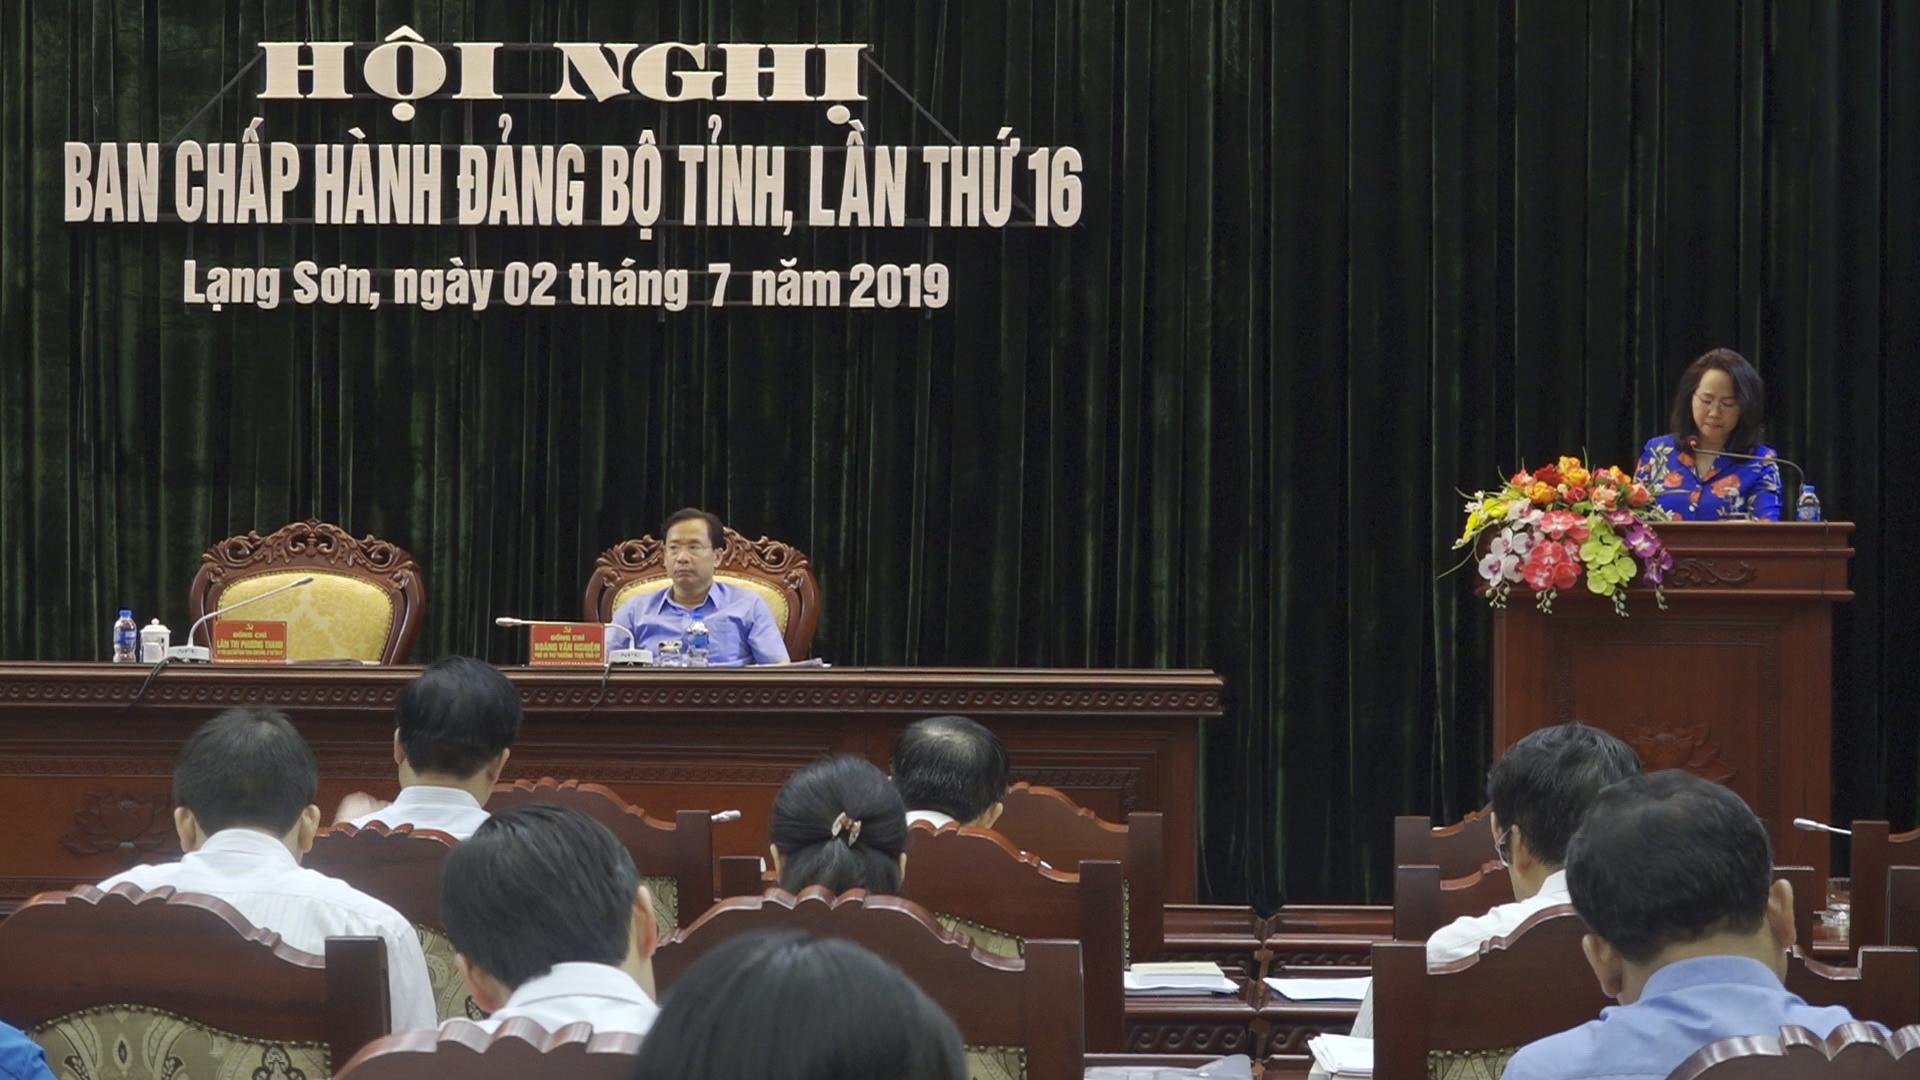 Ban Chấp hành Đảng bộ tỉnh Lạng Sơn đánh giá kết quả công tác 6 tháng đầu năm 2019